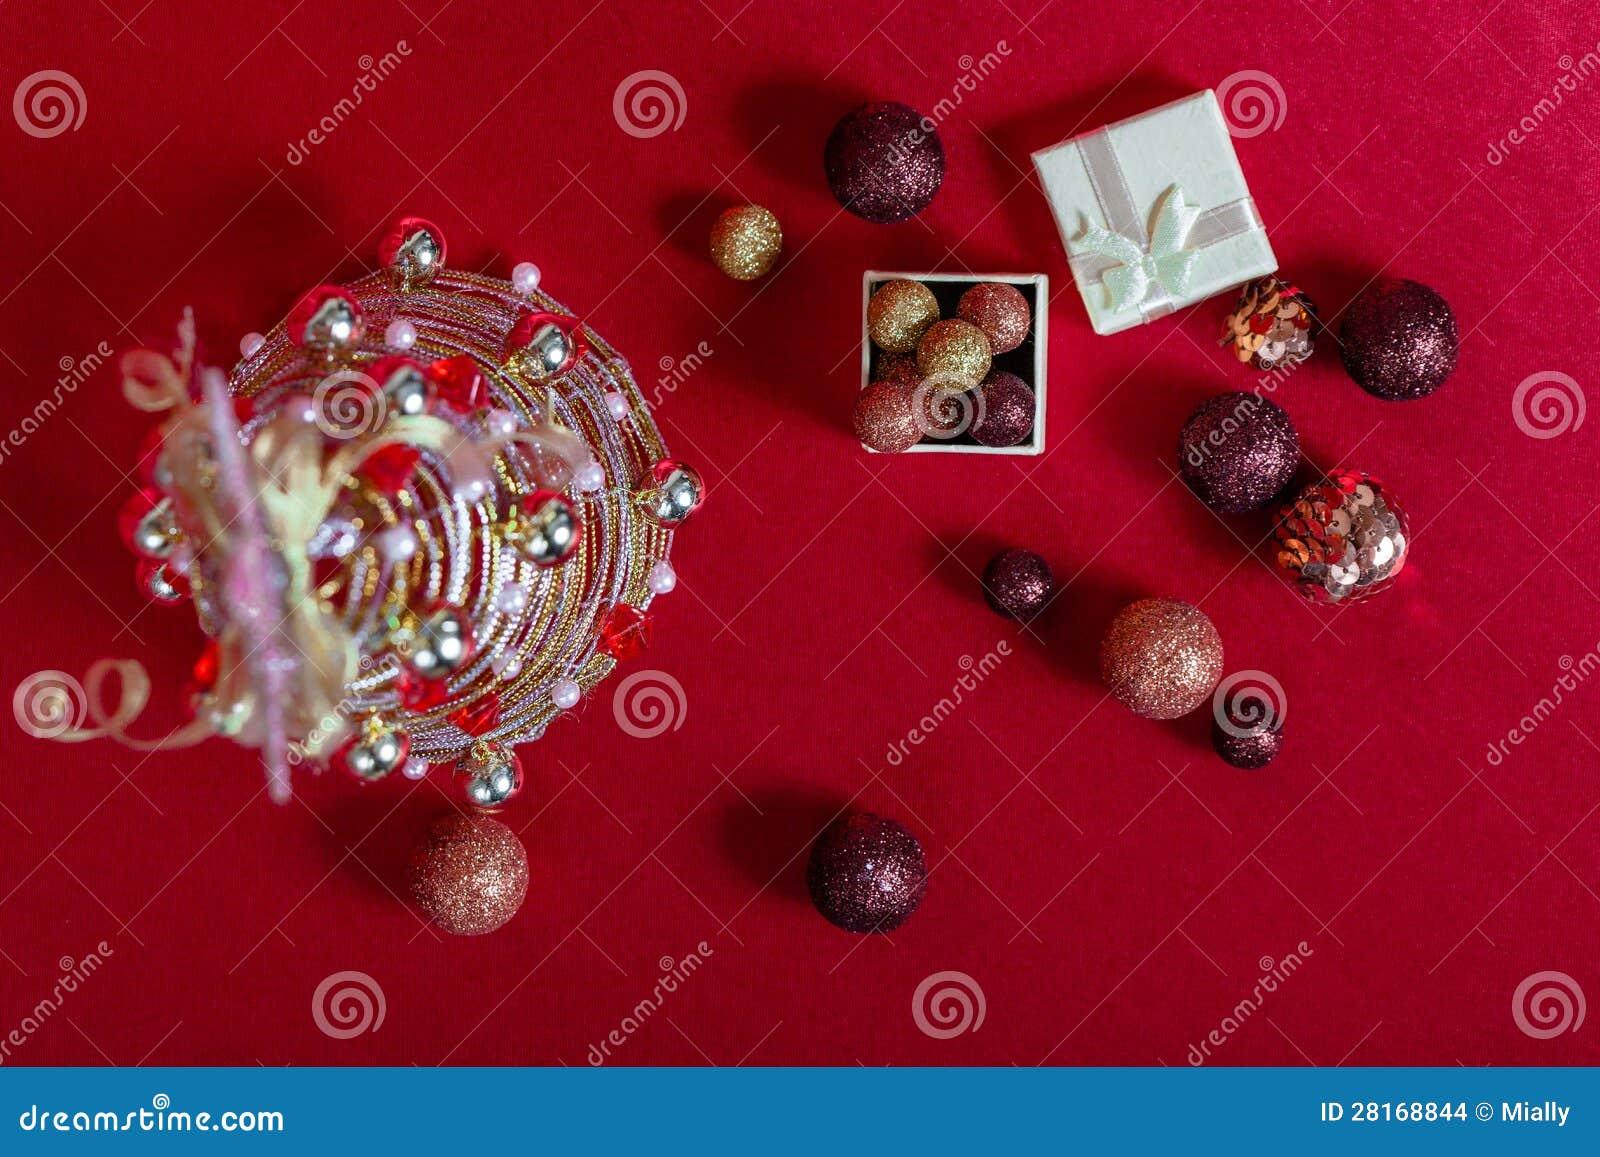 Draht-Weihnachtsbaum Auf Rotem Hintergrund Stockfoto - Bild von ...